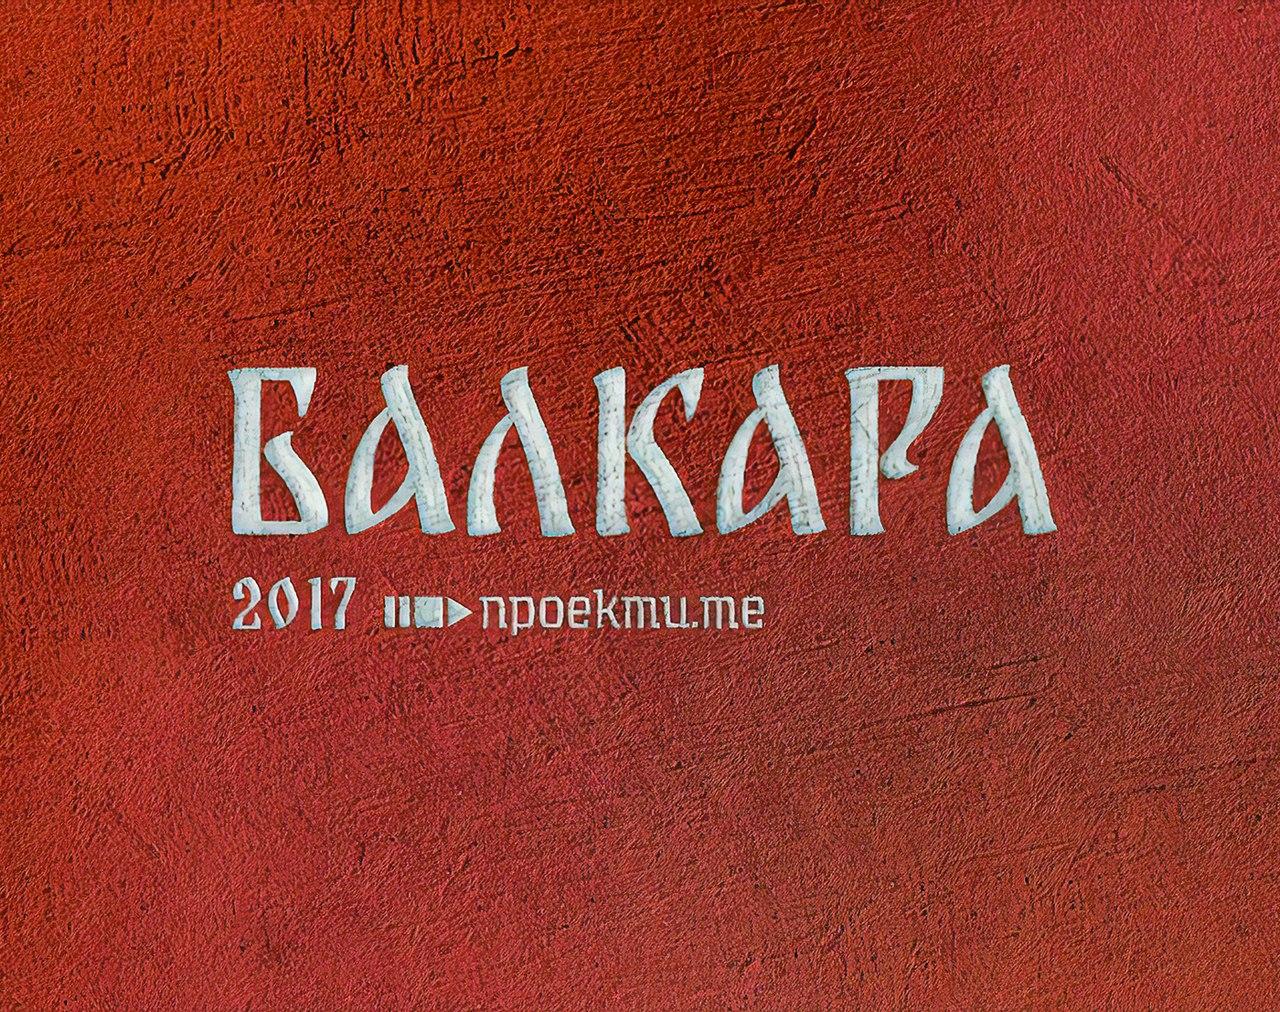 中世纪教堂壁画手写拉丁字体下载 Balkara Font插图